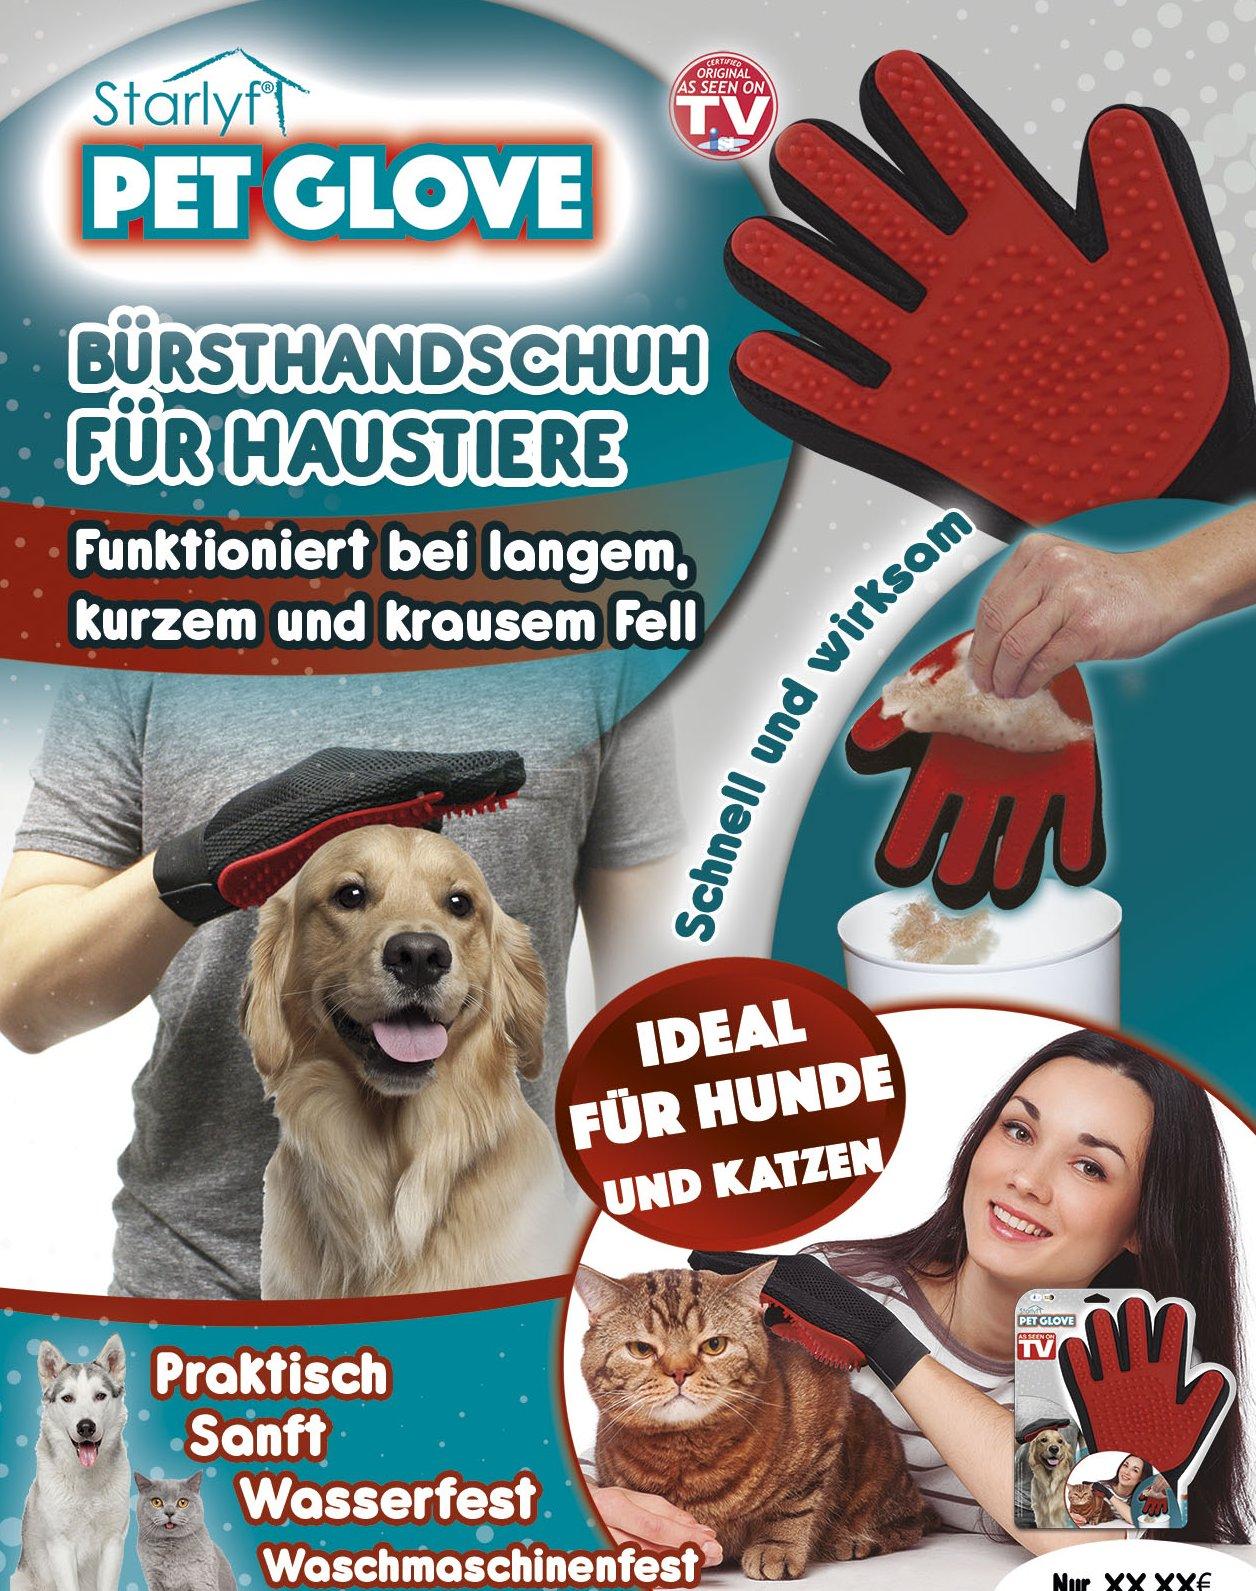 Pet Glove - Der Bürstenhandschuh für Ihr Haustier